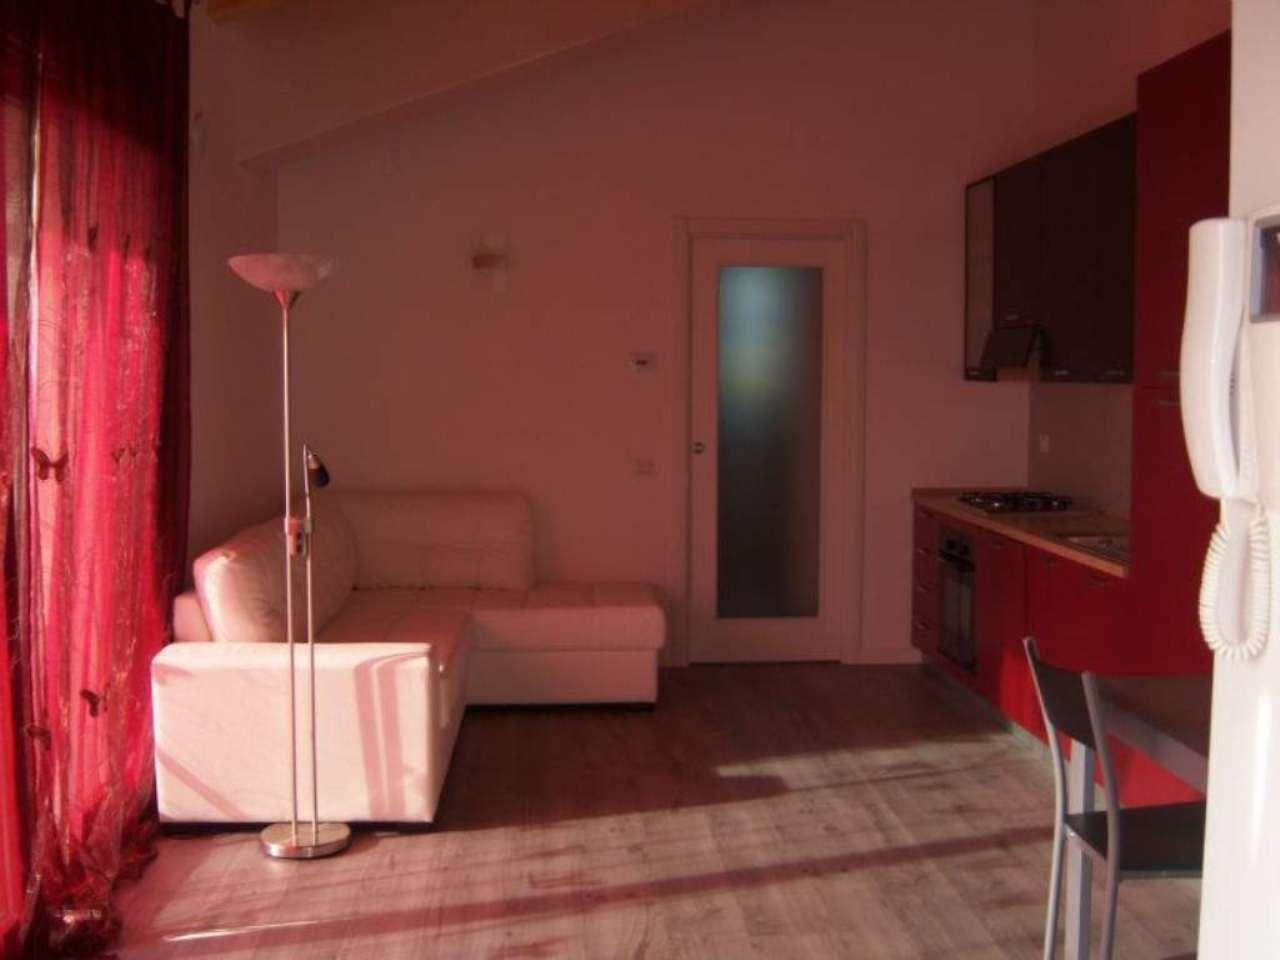 Attico / Mansarda in vendita a Monastier di Treviso, 2 locali, prezzo € 118.000 | CambioCasa.it